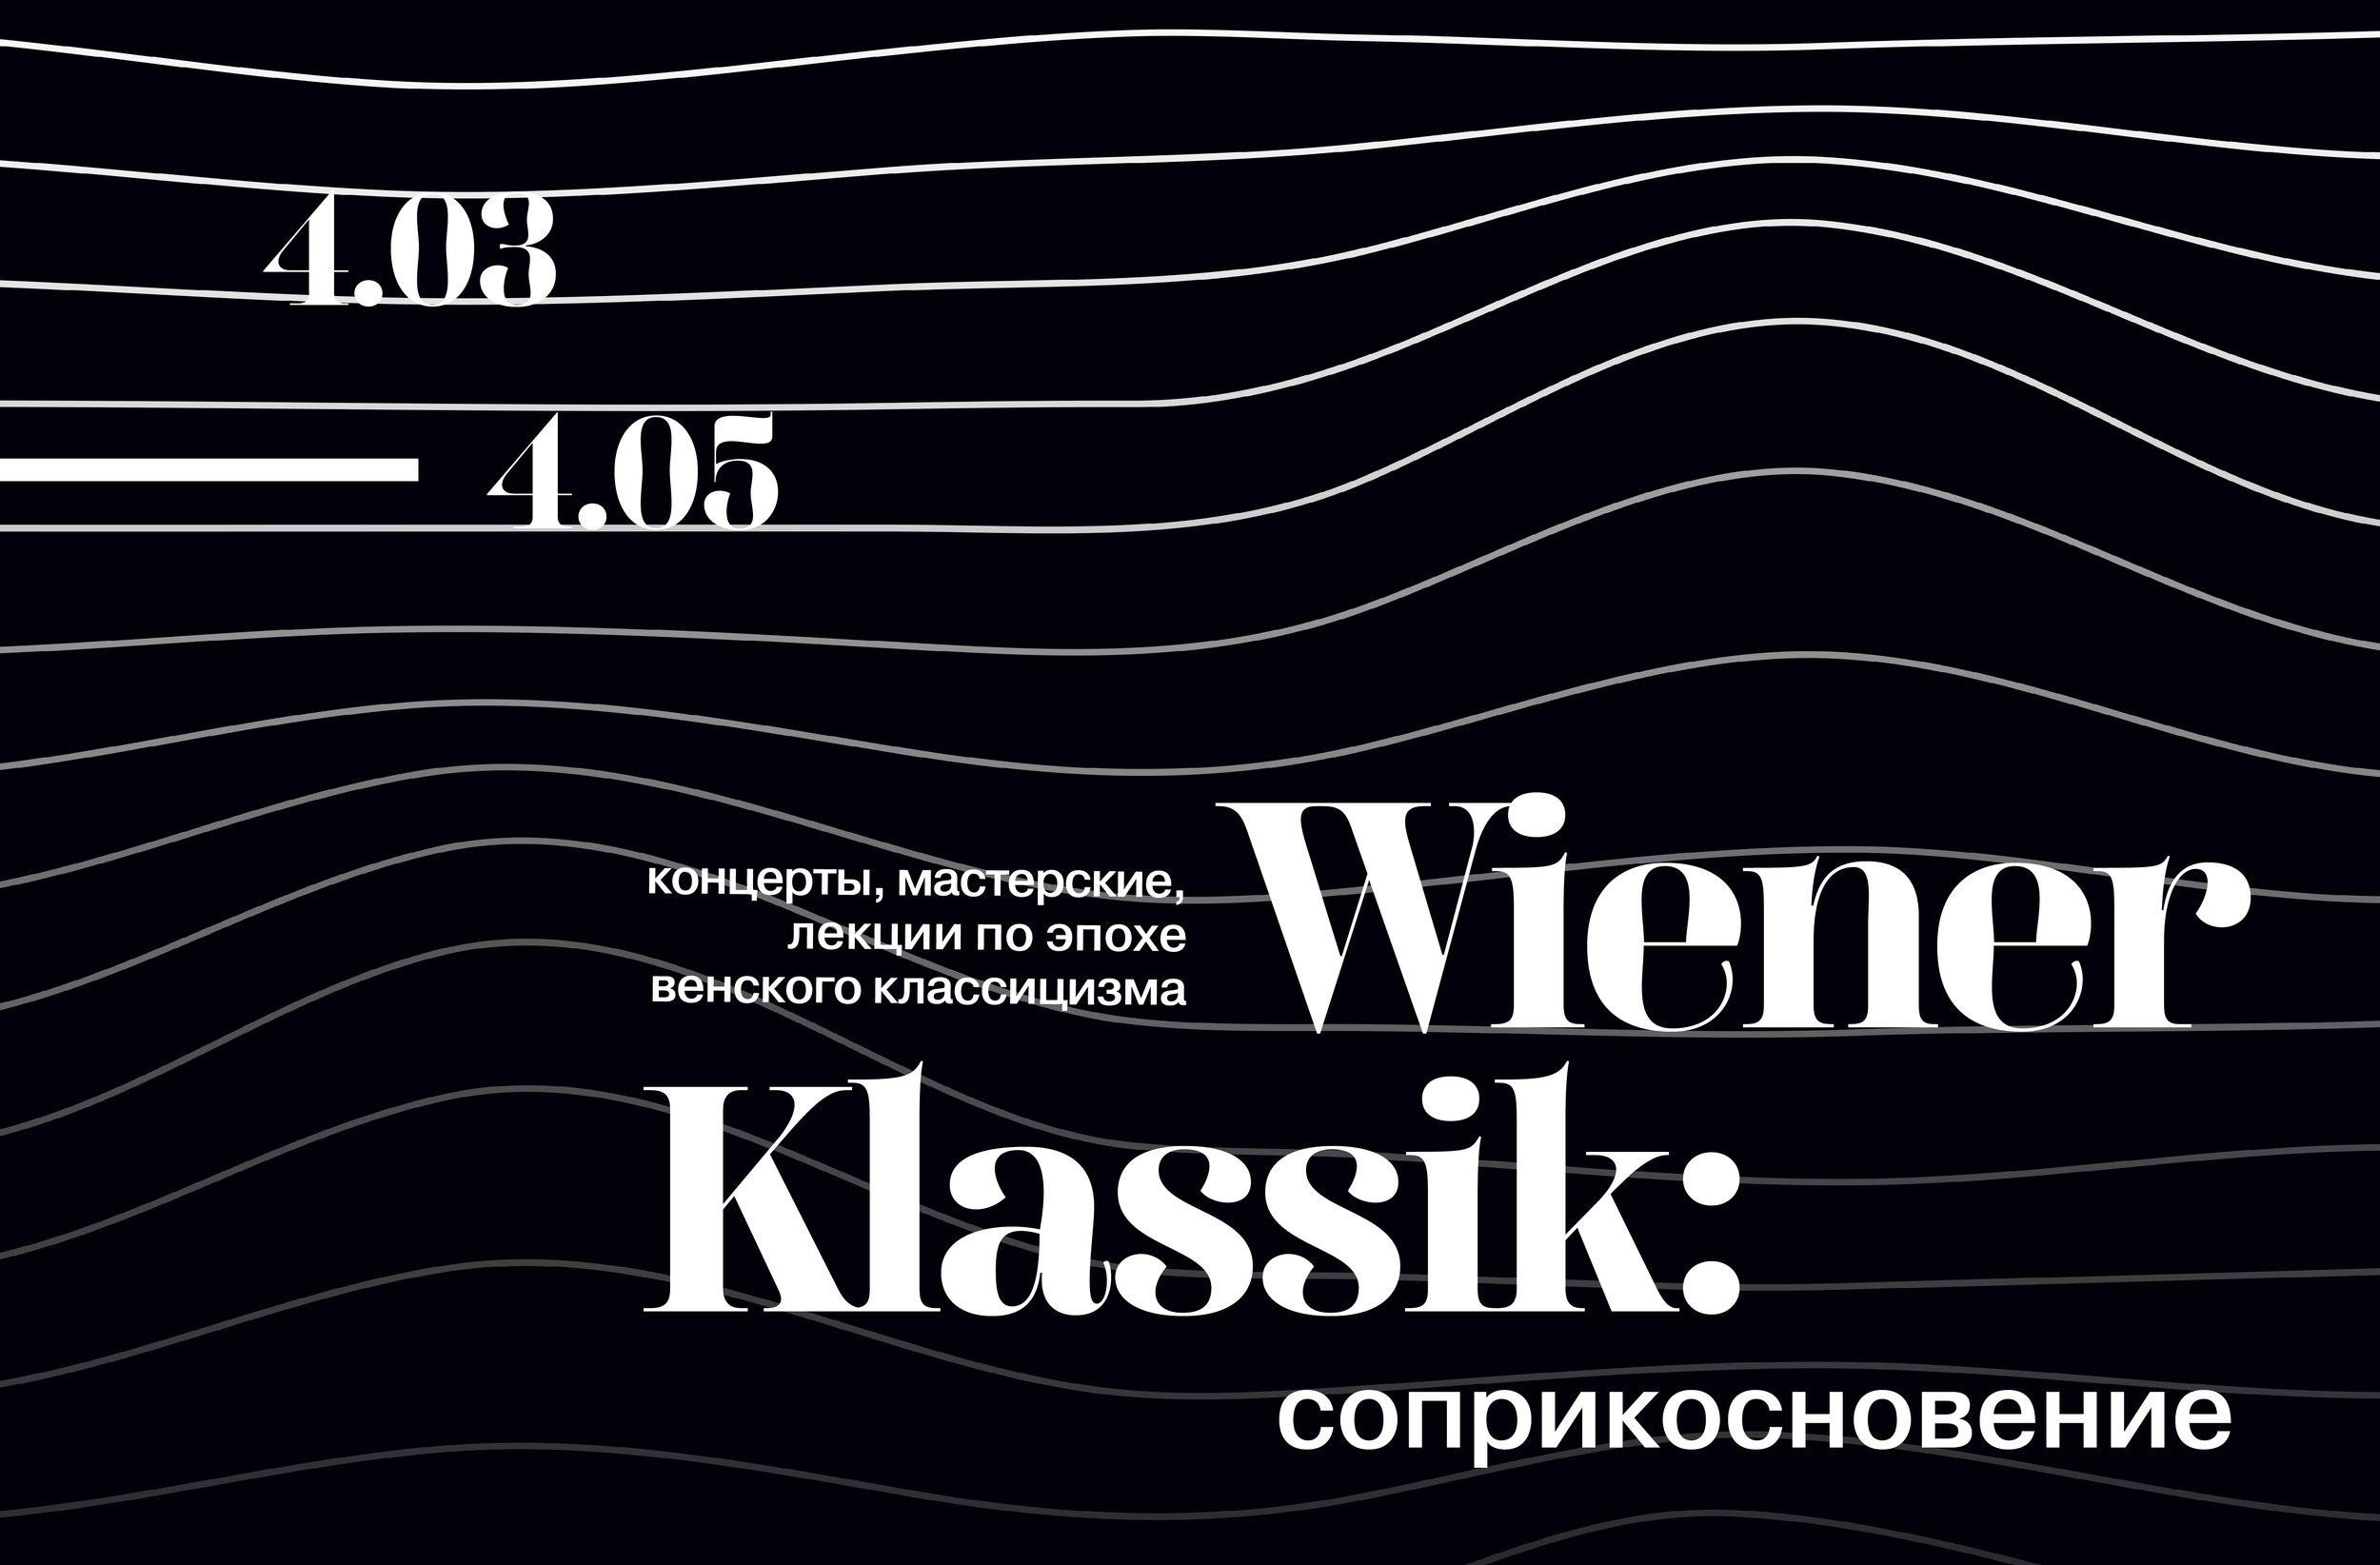 Wiener курс1-04 (1).jpg